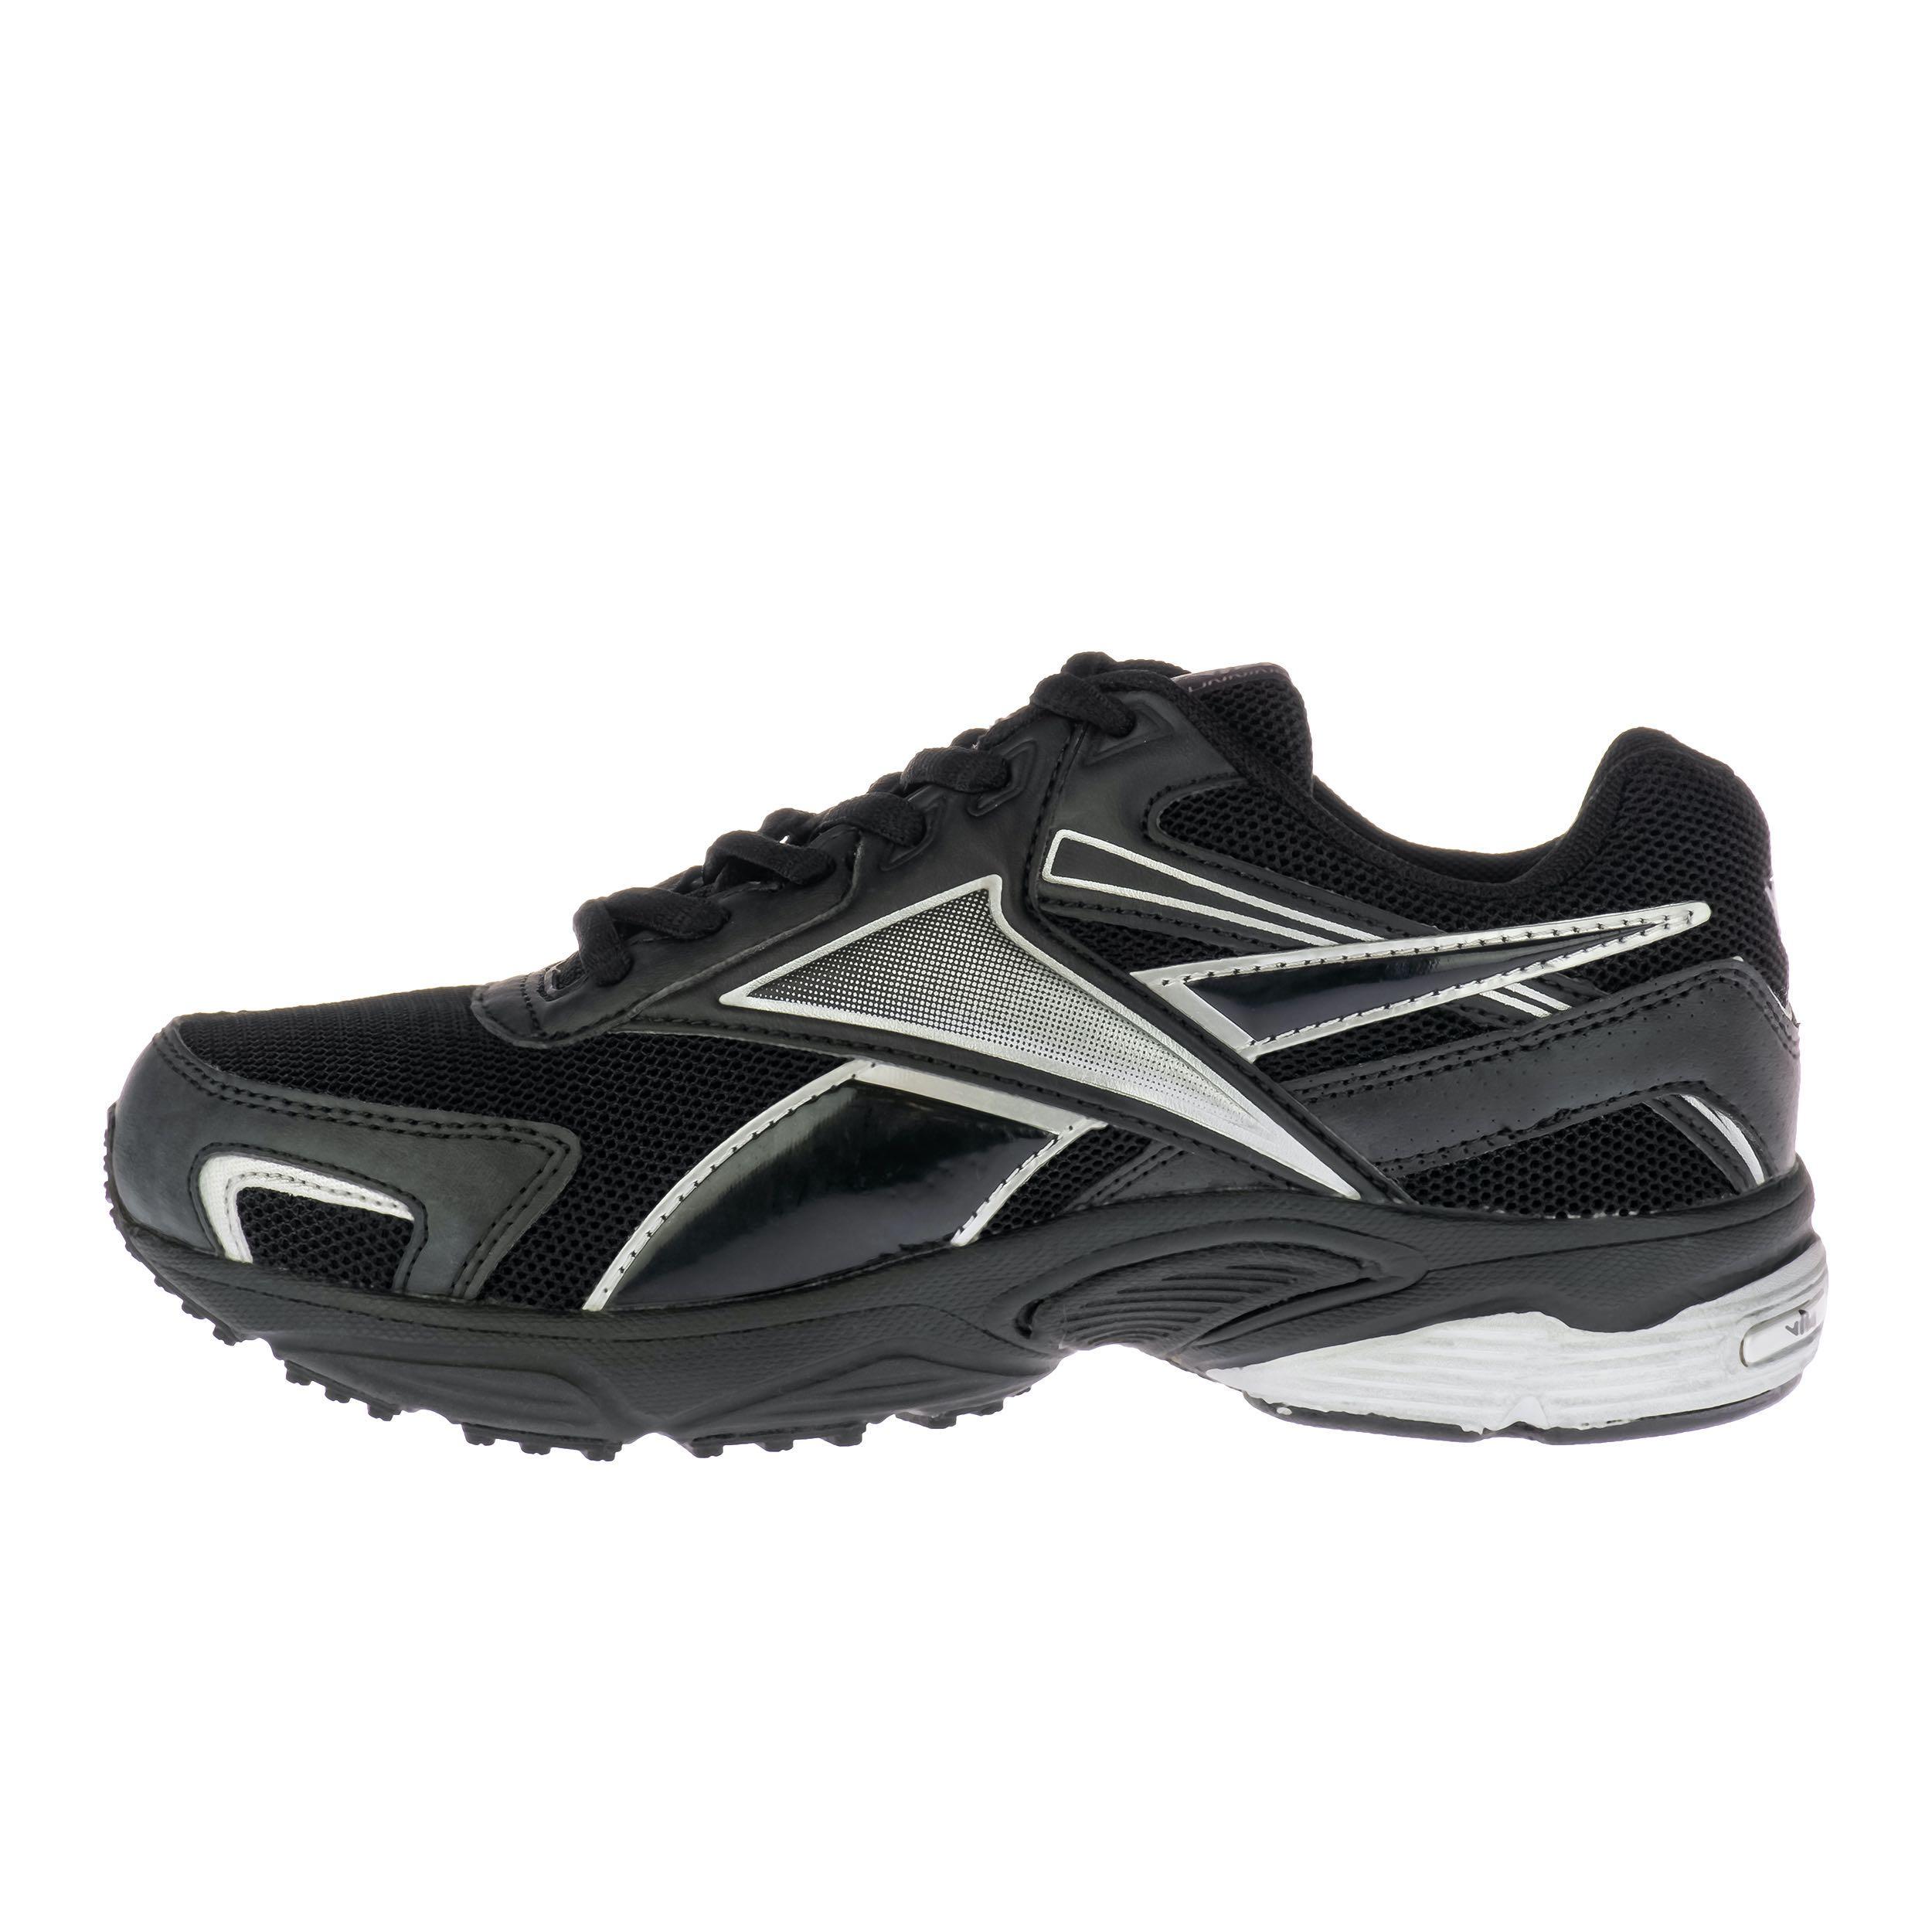 کفش مخصوص پیاده روی زنانه ویوا مدل 3634 کد c9